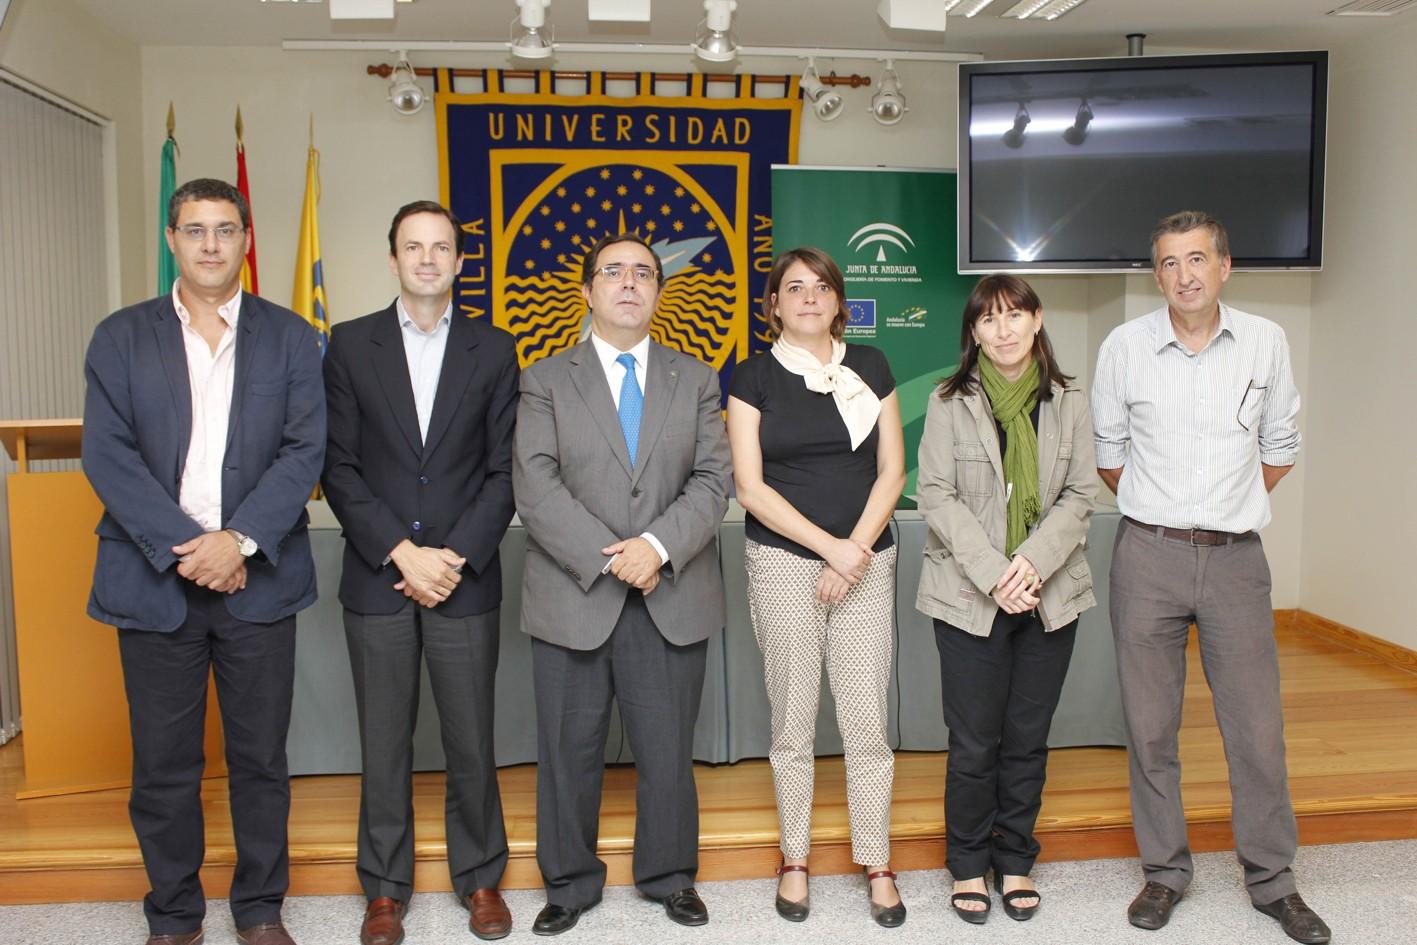 La consejera y el rector de la Universidad Pablo de Olavide posan junto a los investigadores.